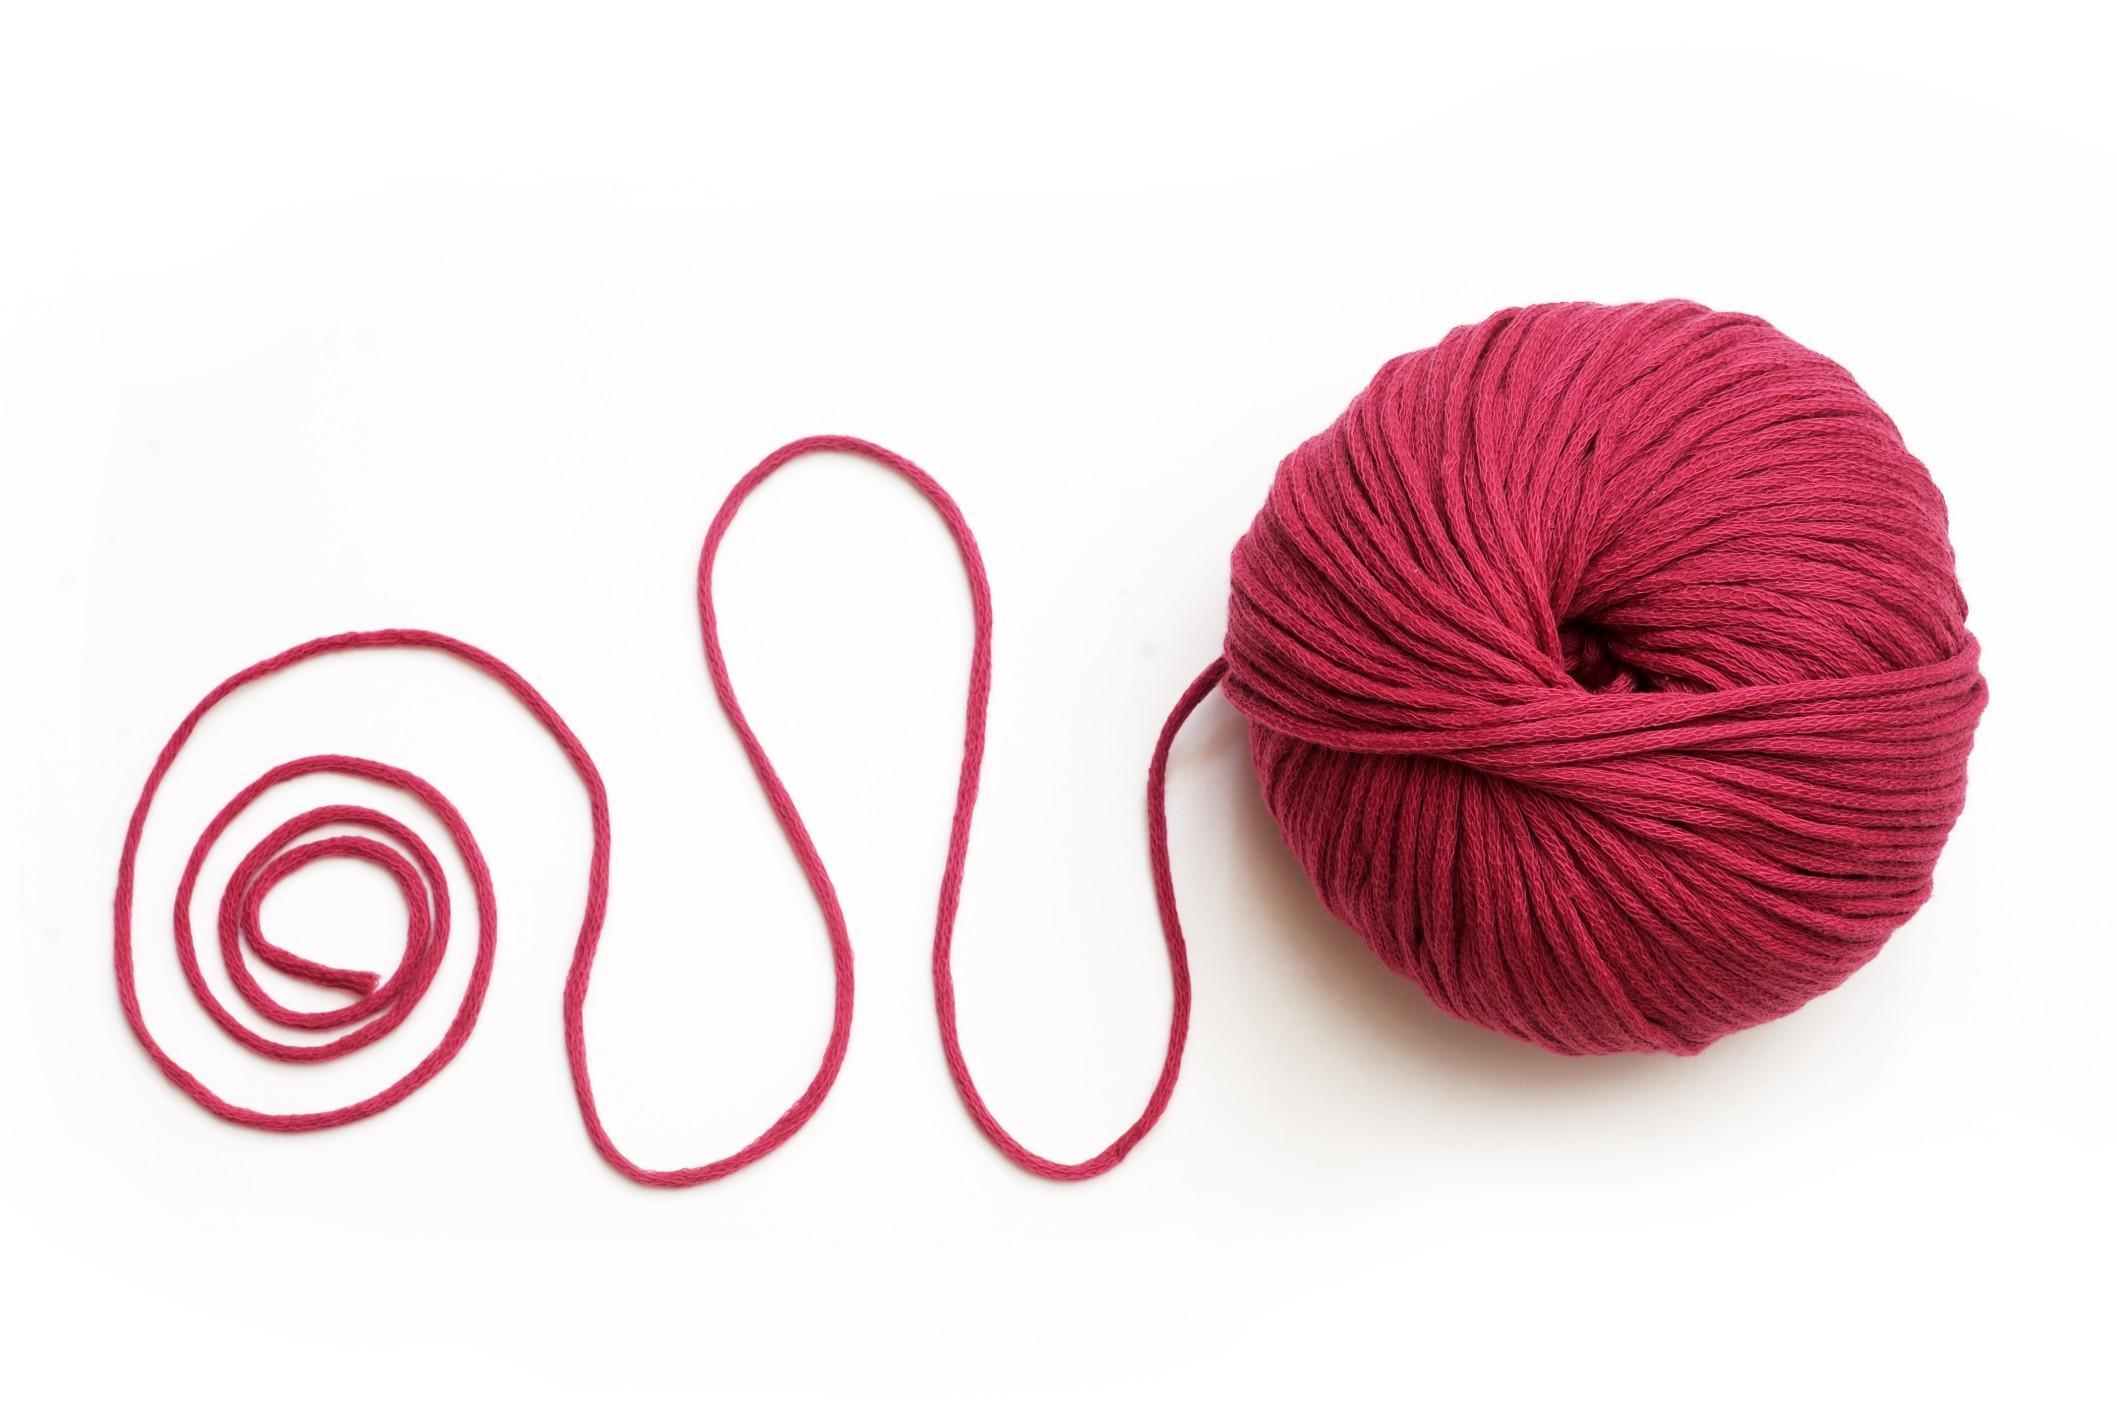 Filo di lana